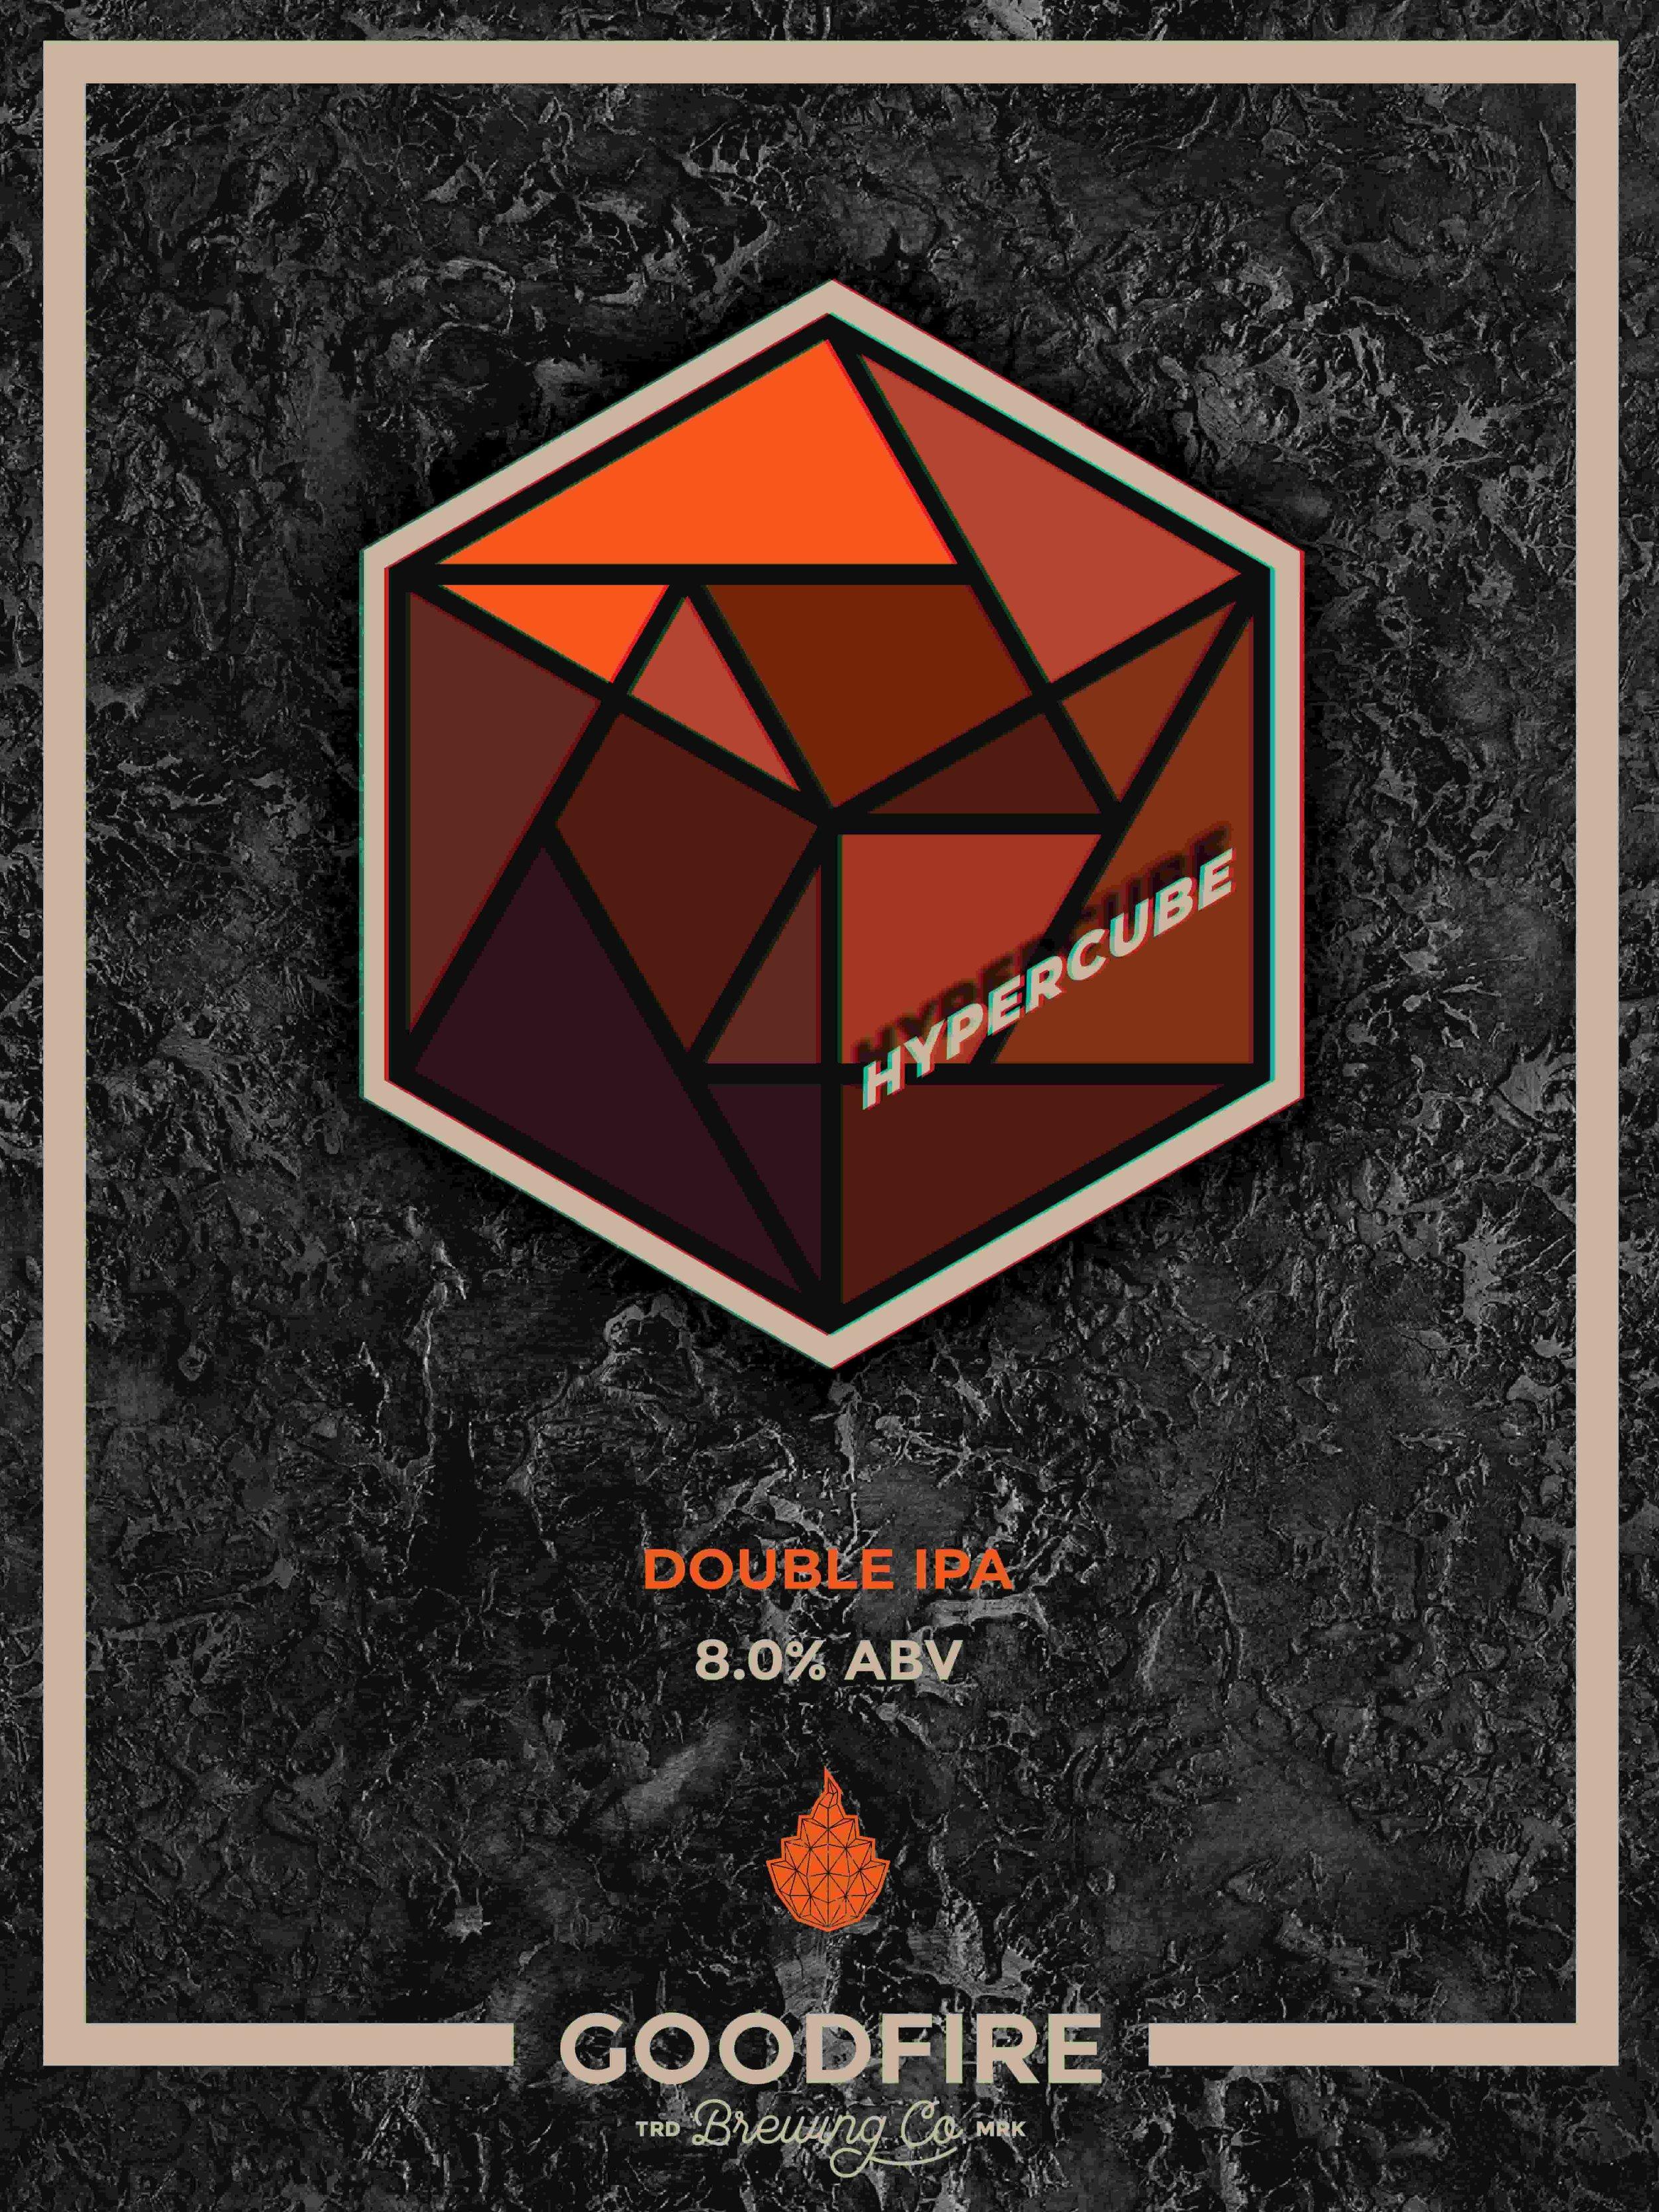 Goodfire Hypercube Poster-01.jpg